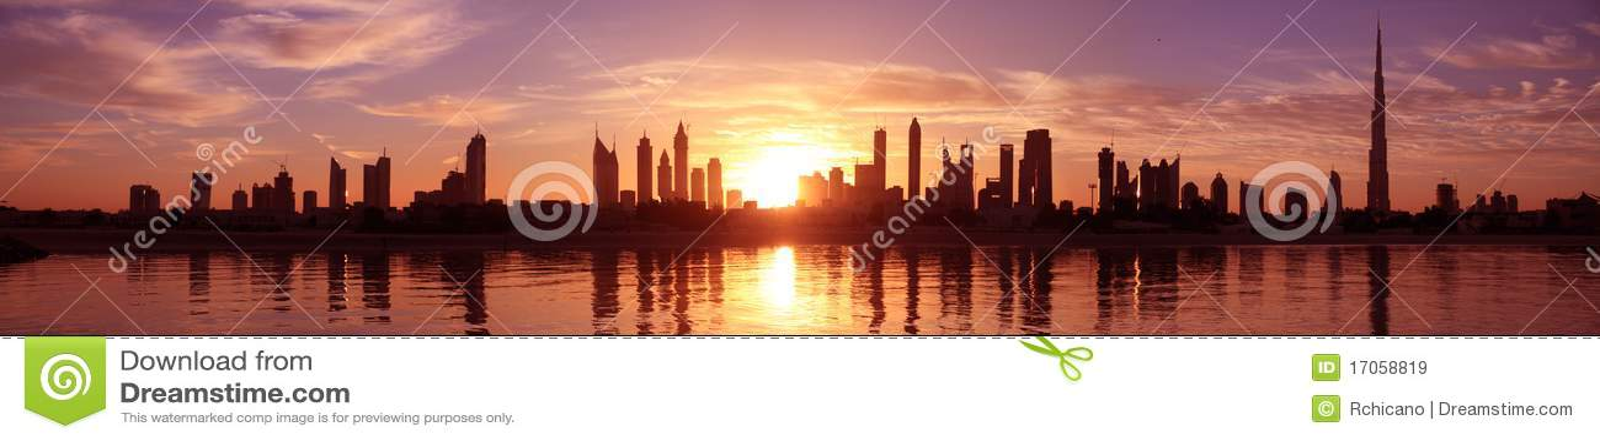 Paisaje urbano dubai, salida del sol